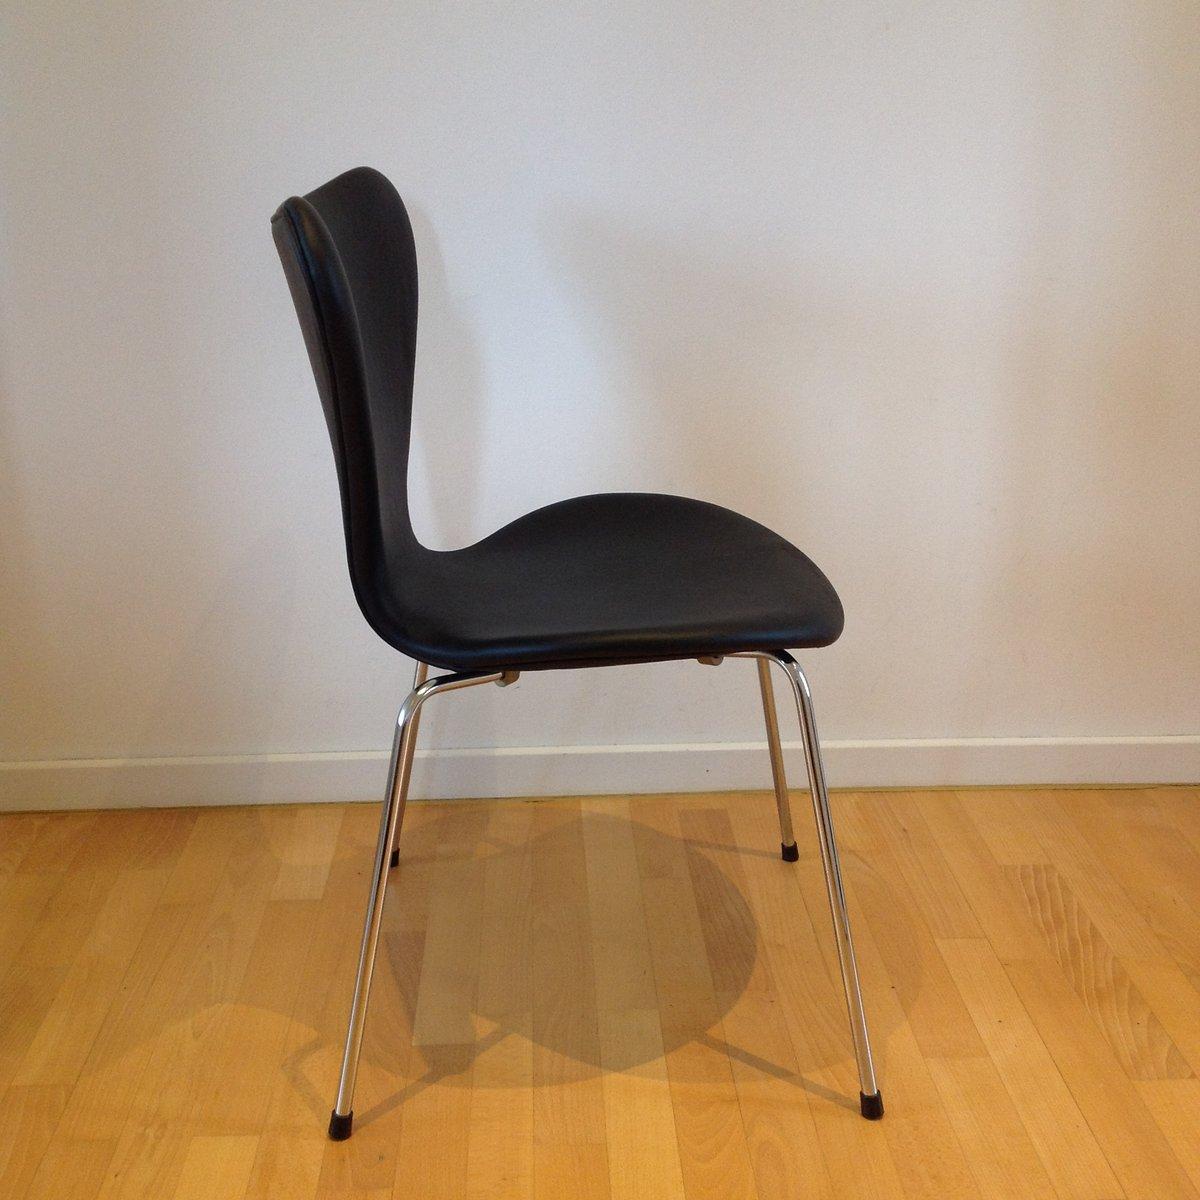 chaise de salon syveren 3107 elegance noire par arne jacobsen pour fritz hansen en vente sur pamono. Black Bedroom Furniture Sets. Home Design Ideas